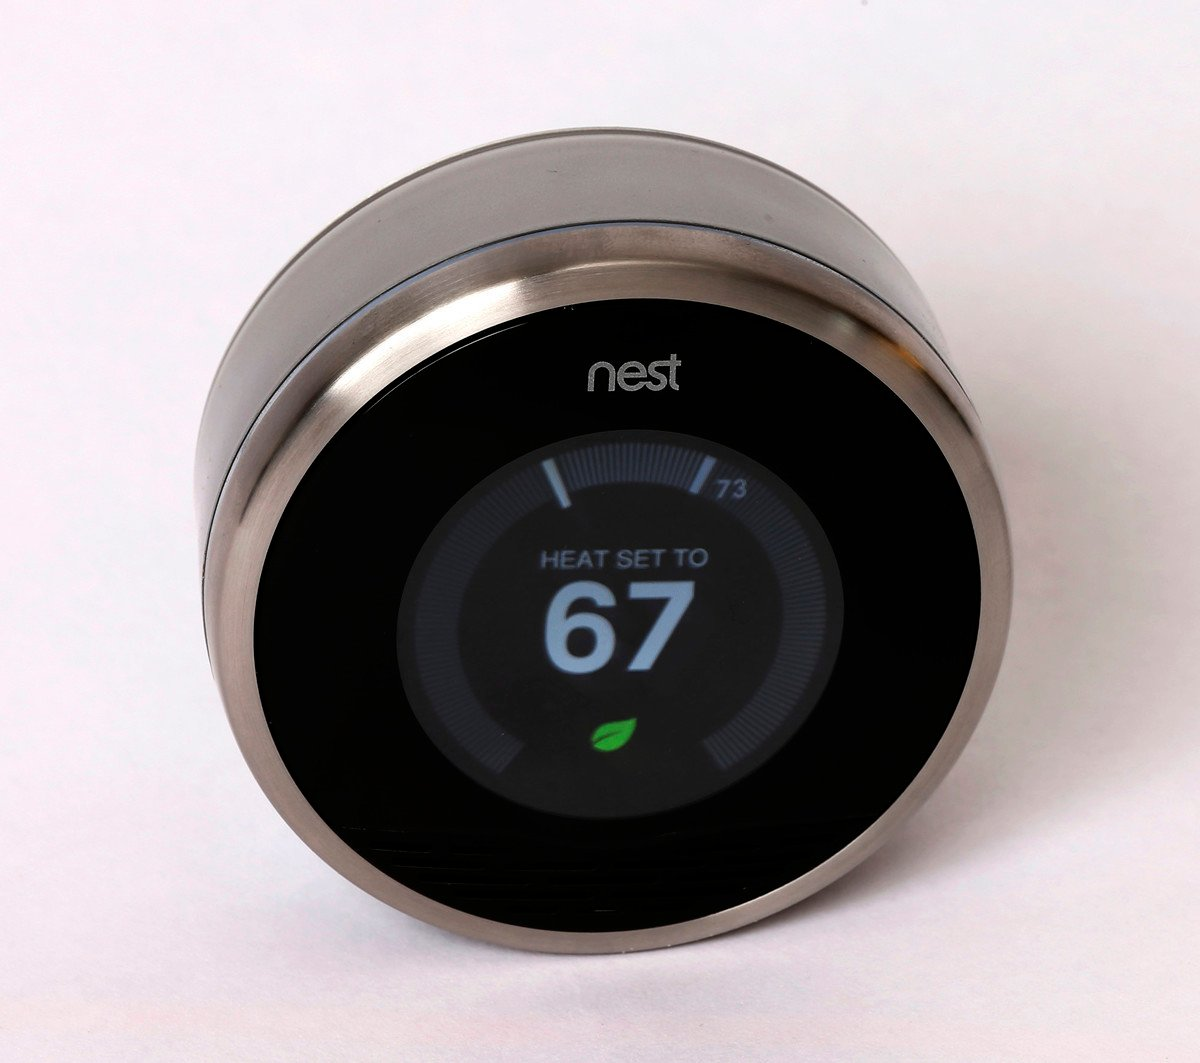 彭博社援引消息說,谷歌公司將主機板和Nest恆溫器等硬體的生產從中國移往台灣等地。圖為2014年1月16日,安裝在美國猶他州谷歌某地的Nest恆溫器。(George Frey/Getty Images)